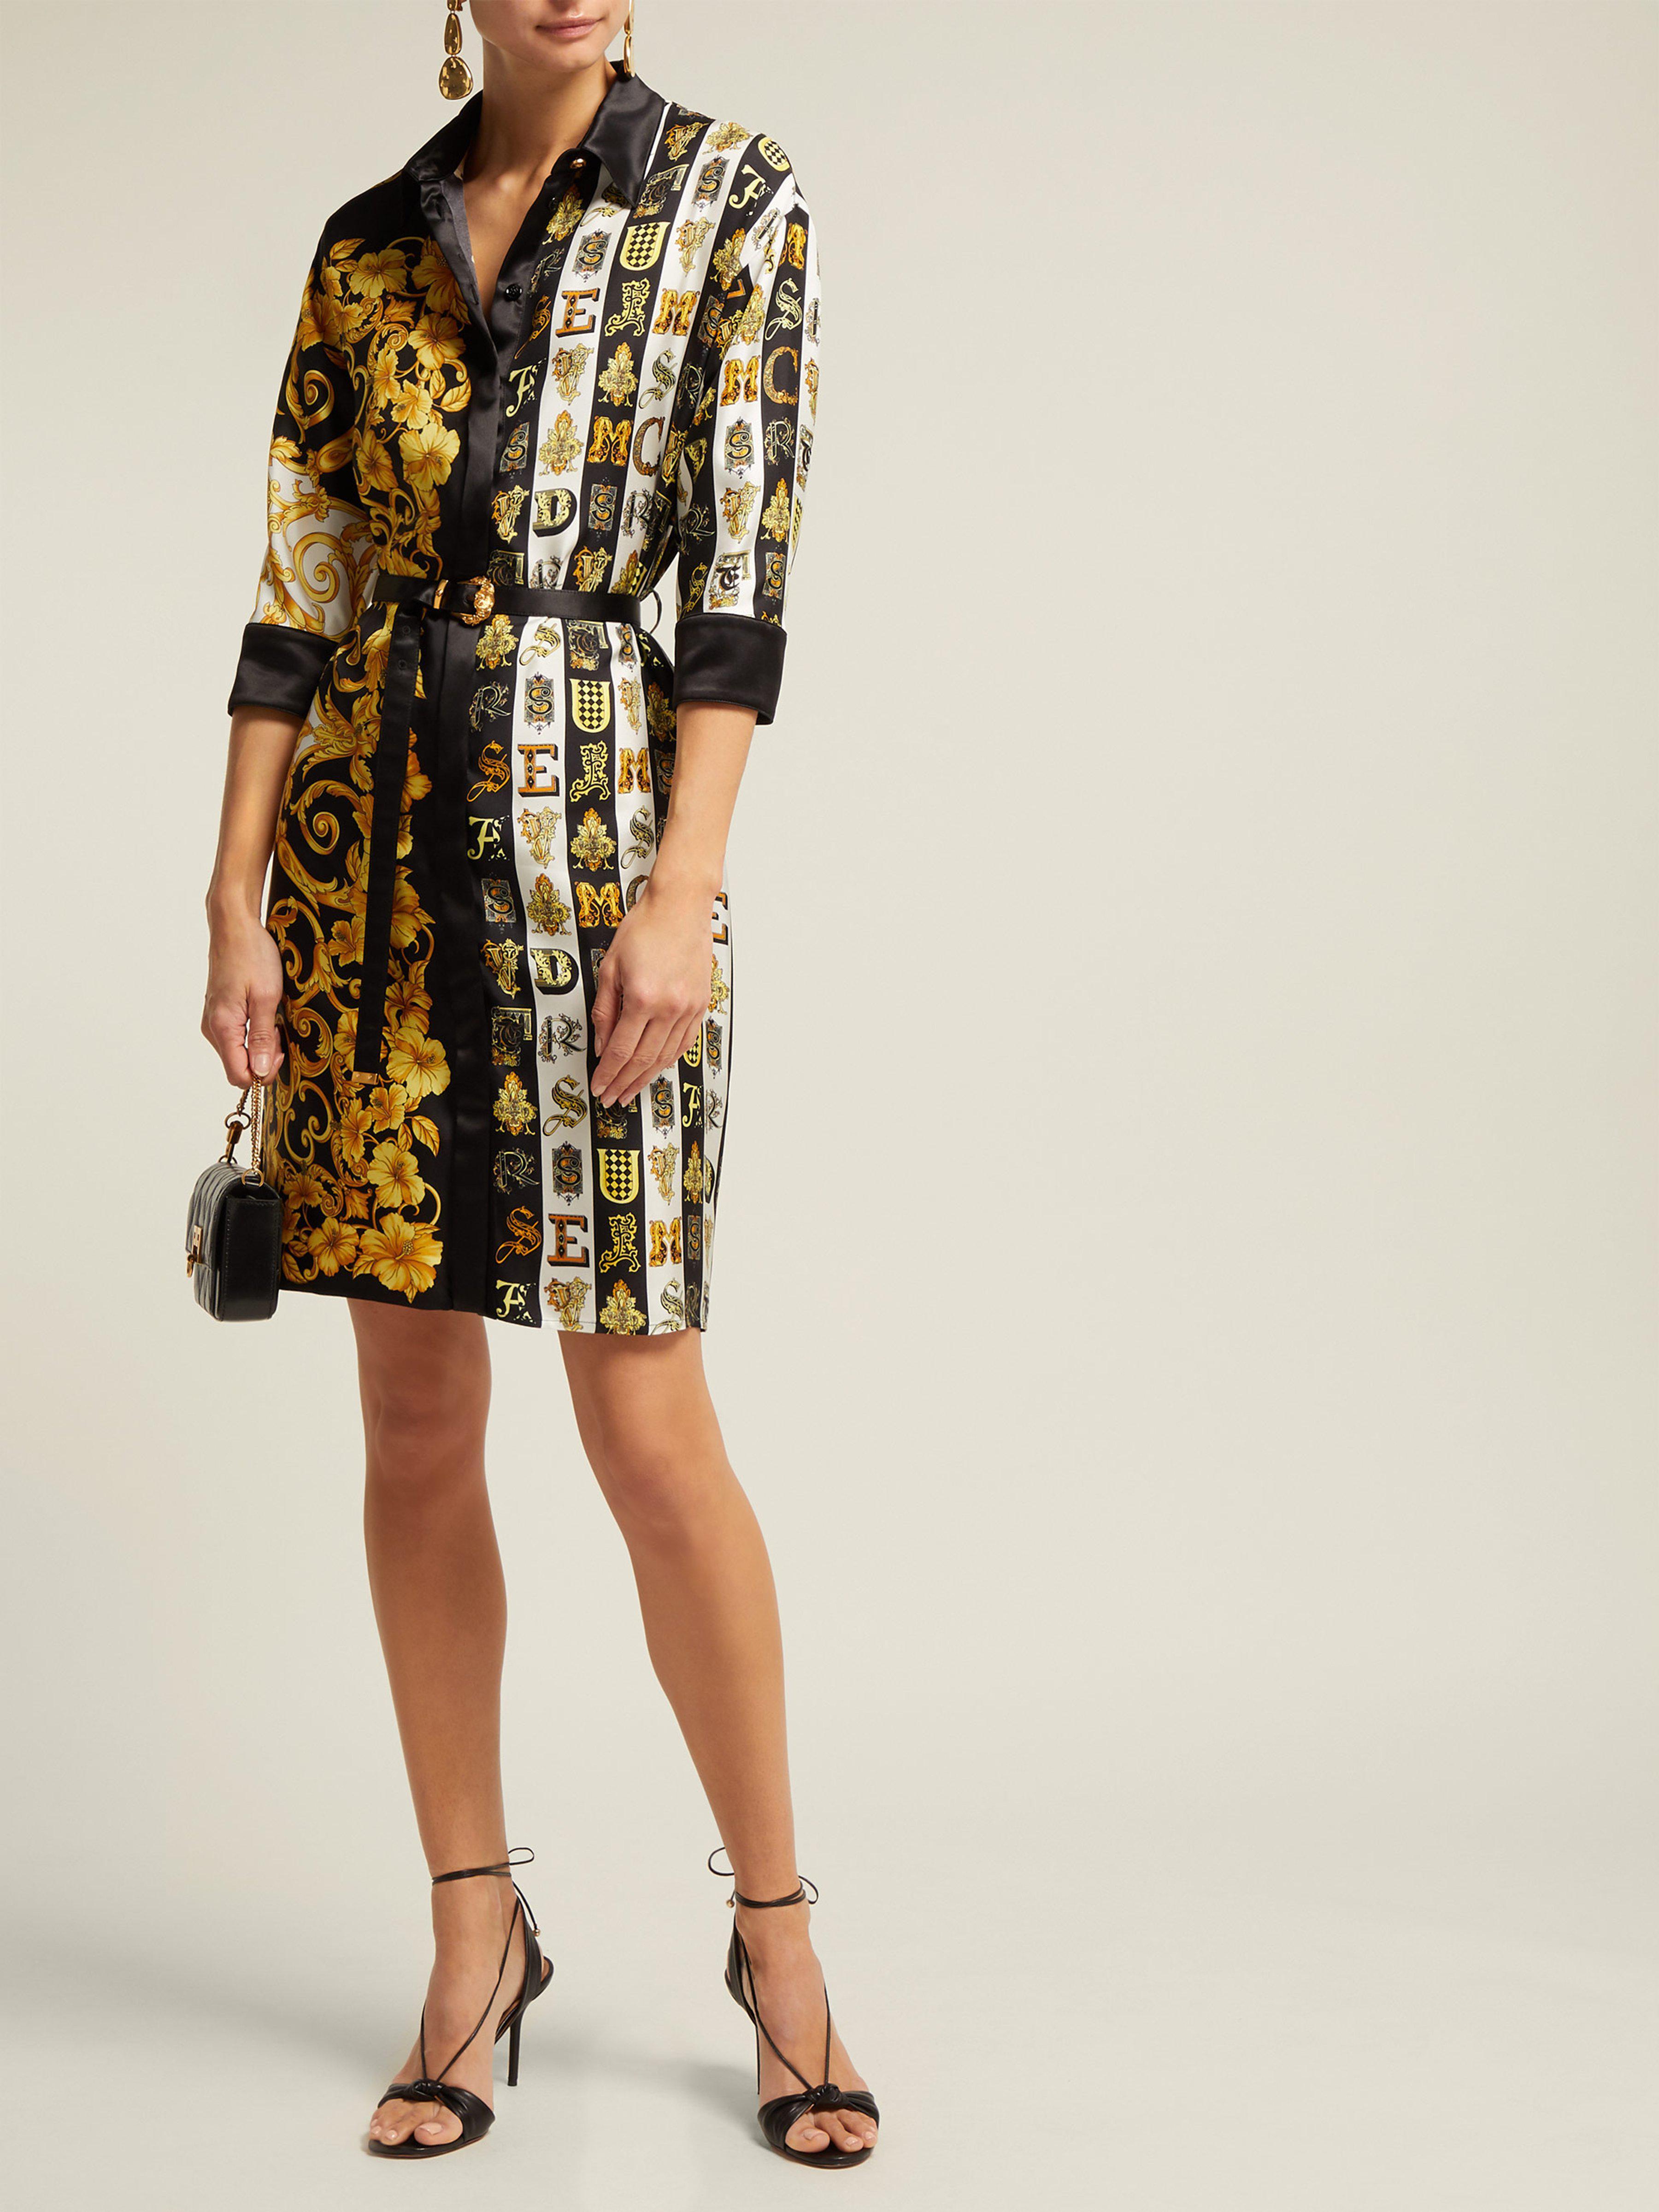 0590d537764 Versace Baroque Print Silk Twill Shirtdress - Lyst